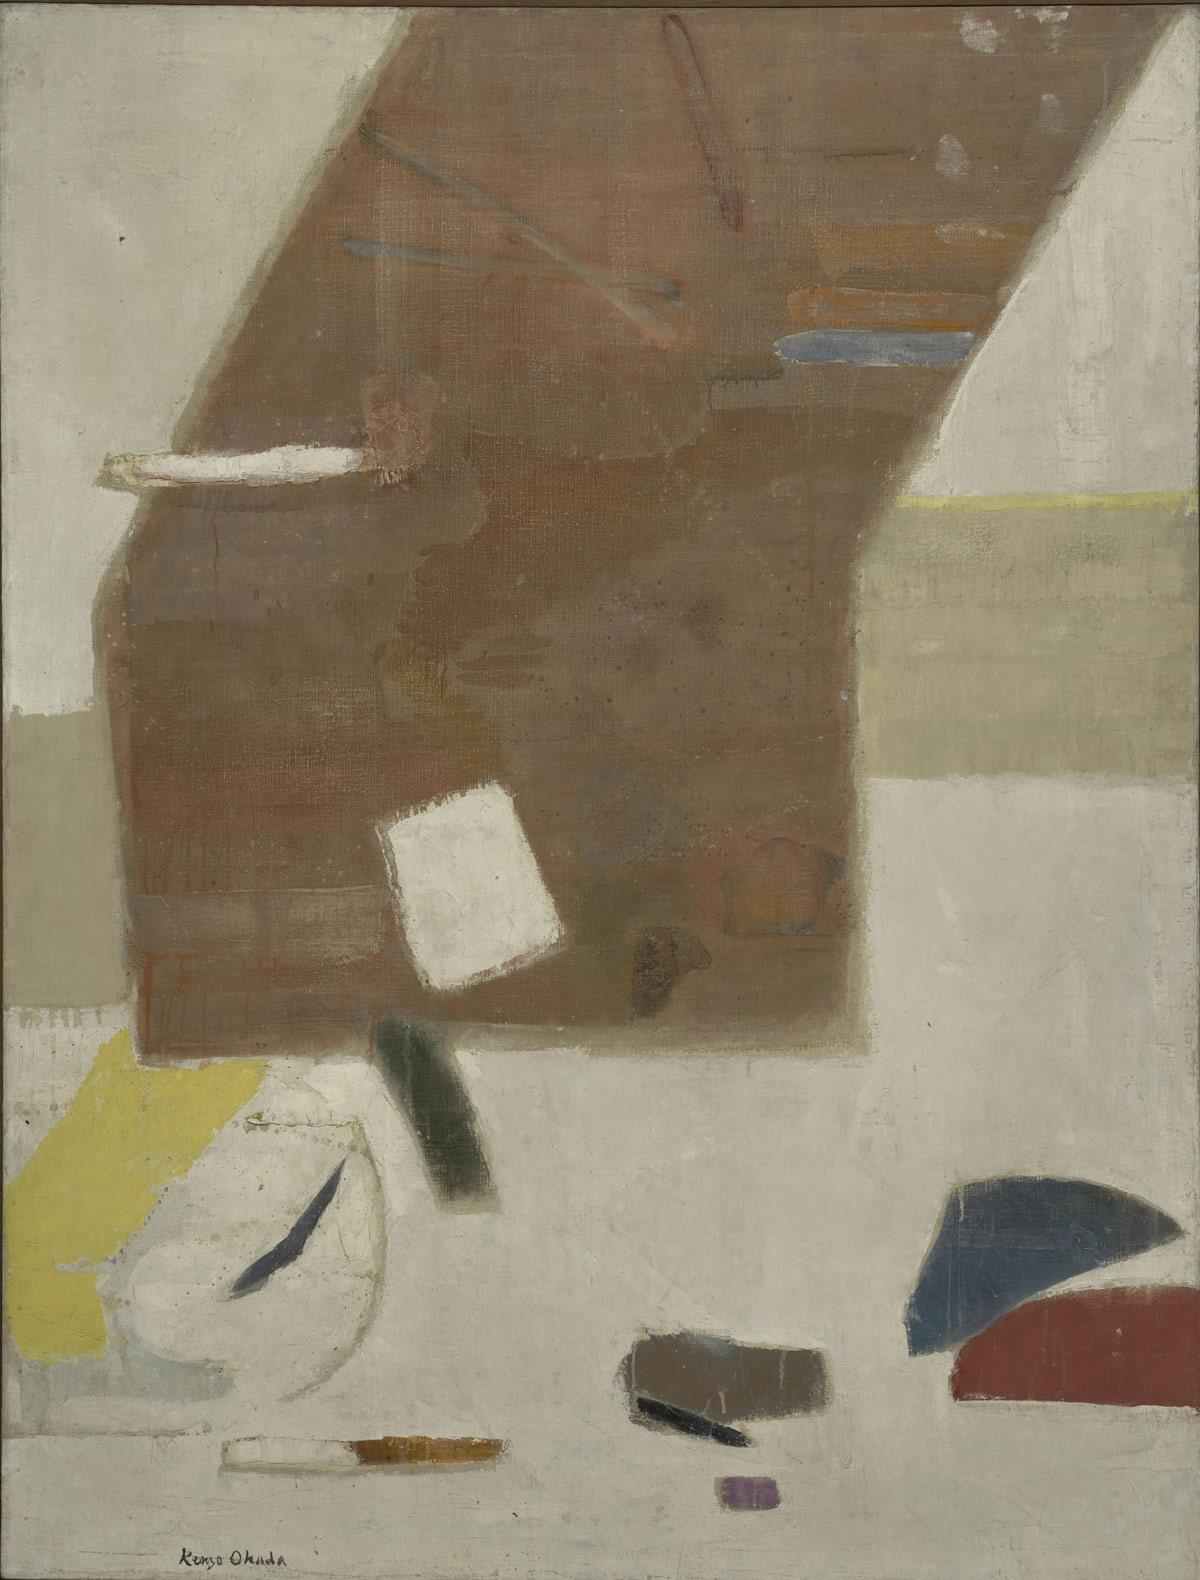 Kenzo Okada, Sopra il bianco(1960; olio su tela, 127,3 x 96,7 cm; Venezia, Collezione Peggy Guggenheim)